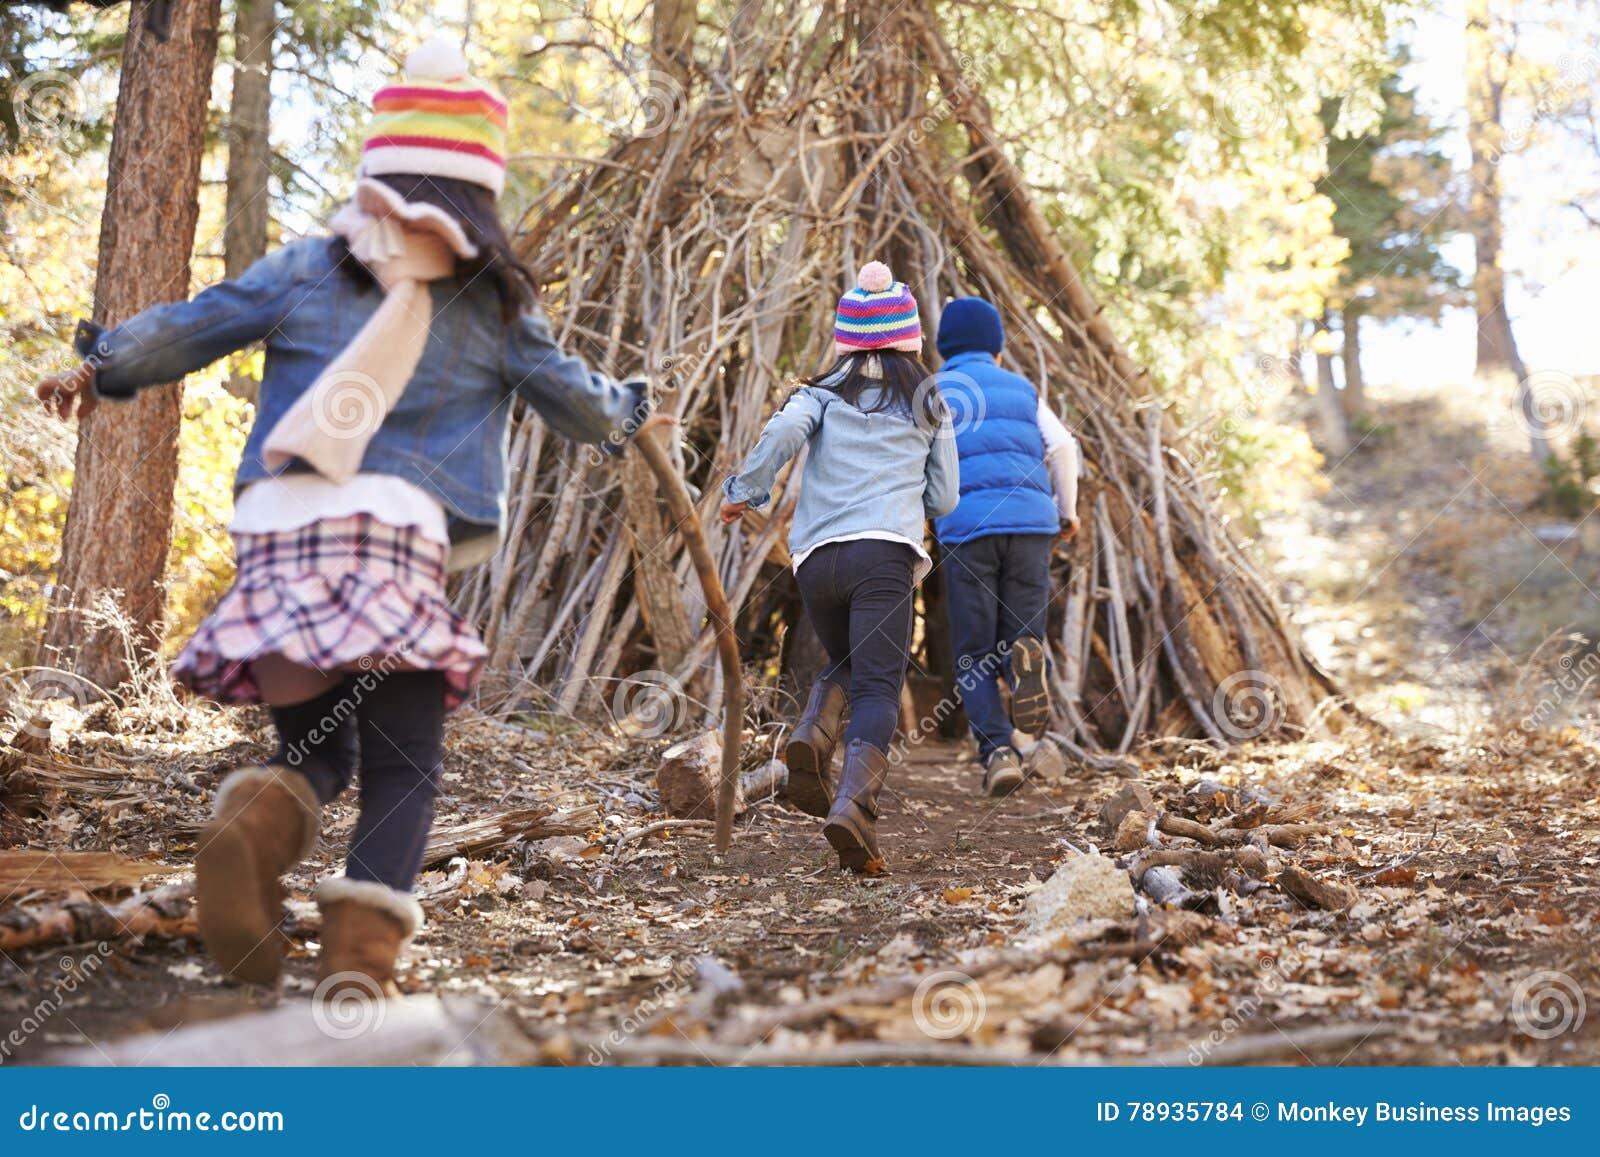 För lekyttersida för tre ungar som skydd göras av filialer i en skog